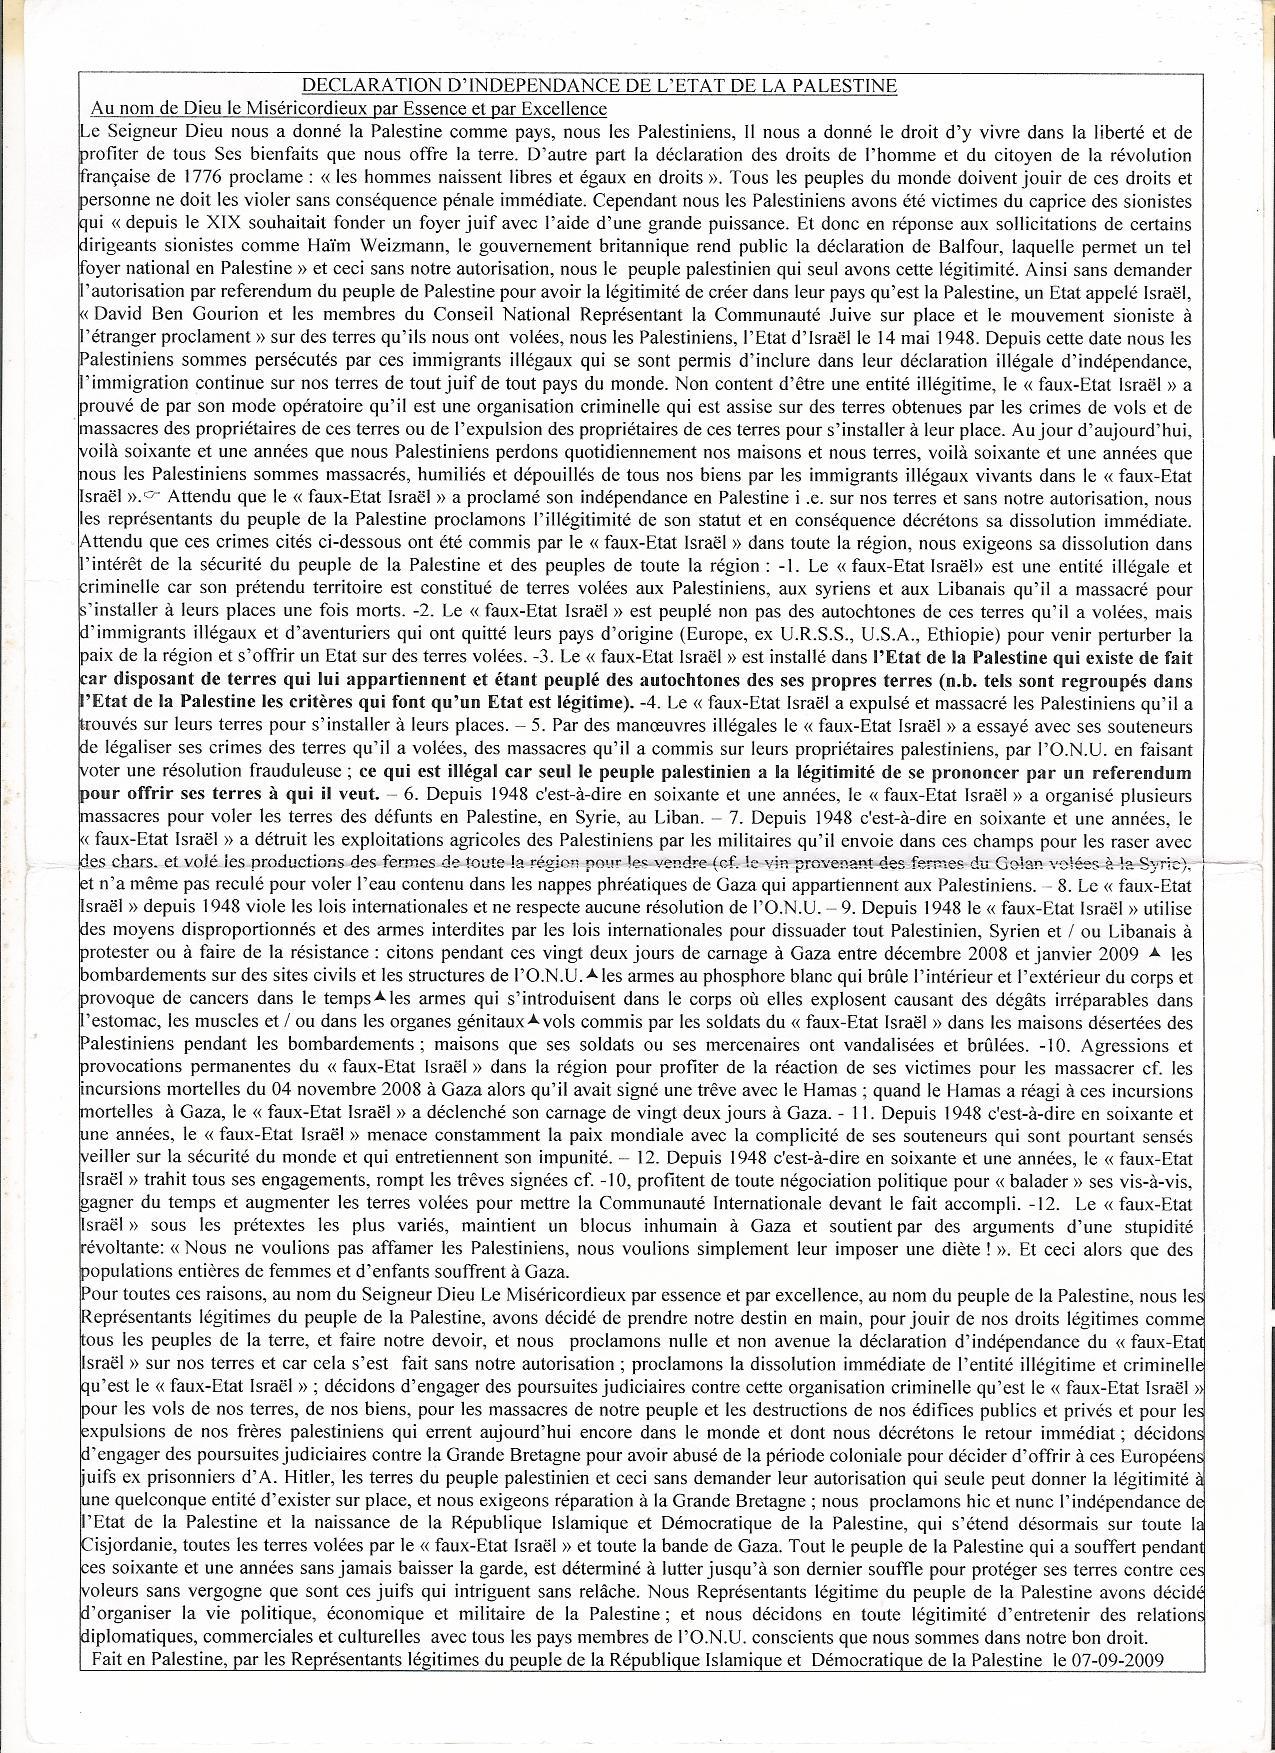 DEMANDER A L'ASSEMBLÉE GÉNÉRALE DE L'ONU DE SE SAISIR DU DOSSIER PALESTINIEN POUR SON RÈGLEMENT DÉFINITIF, ETANT DONNÉ QUE LE CONSEIL DE SÉCURITÉ DE L'ONU A L'ORIGINE DE LA CRÉATION DU